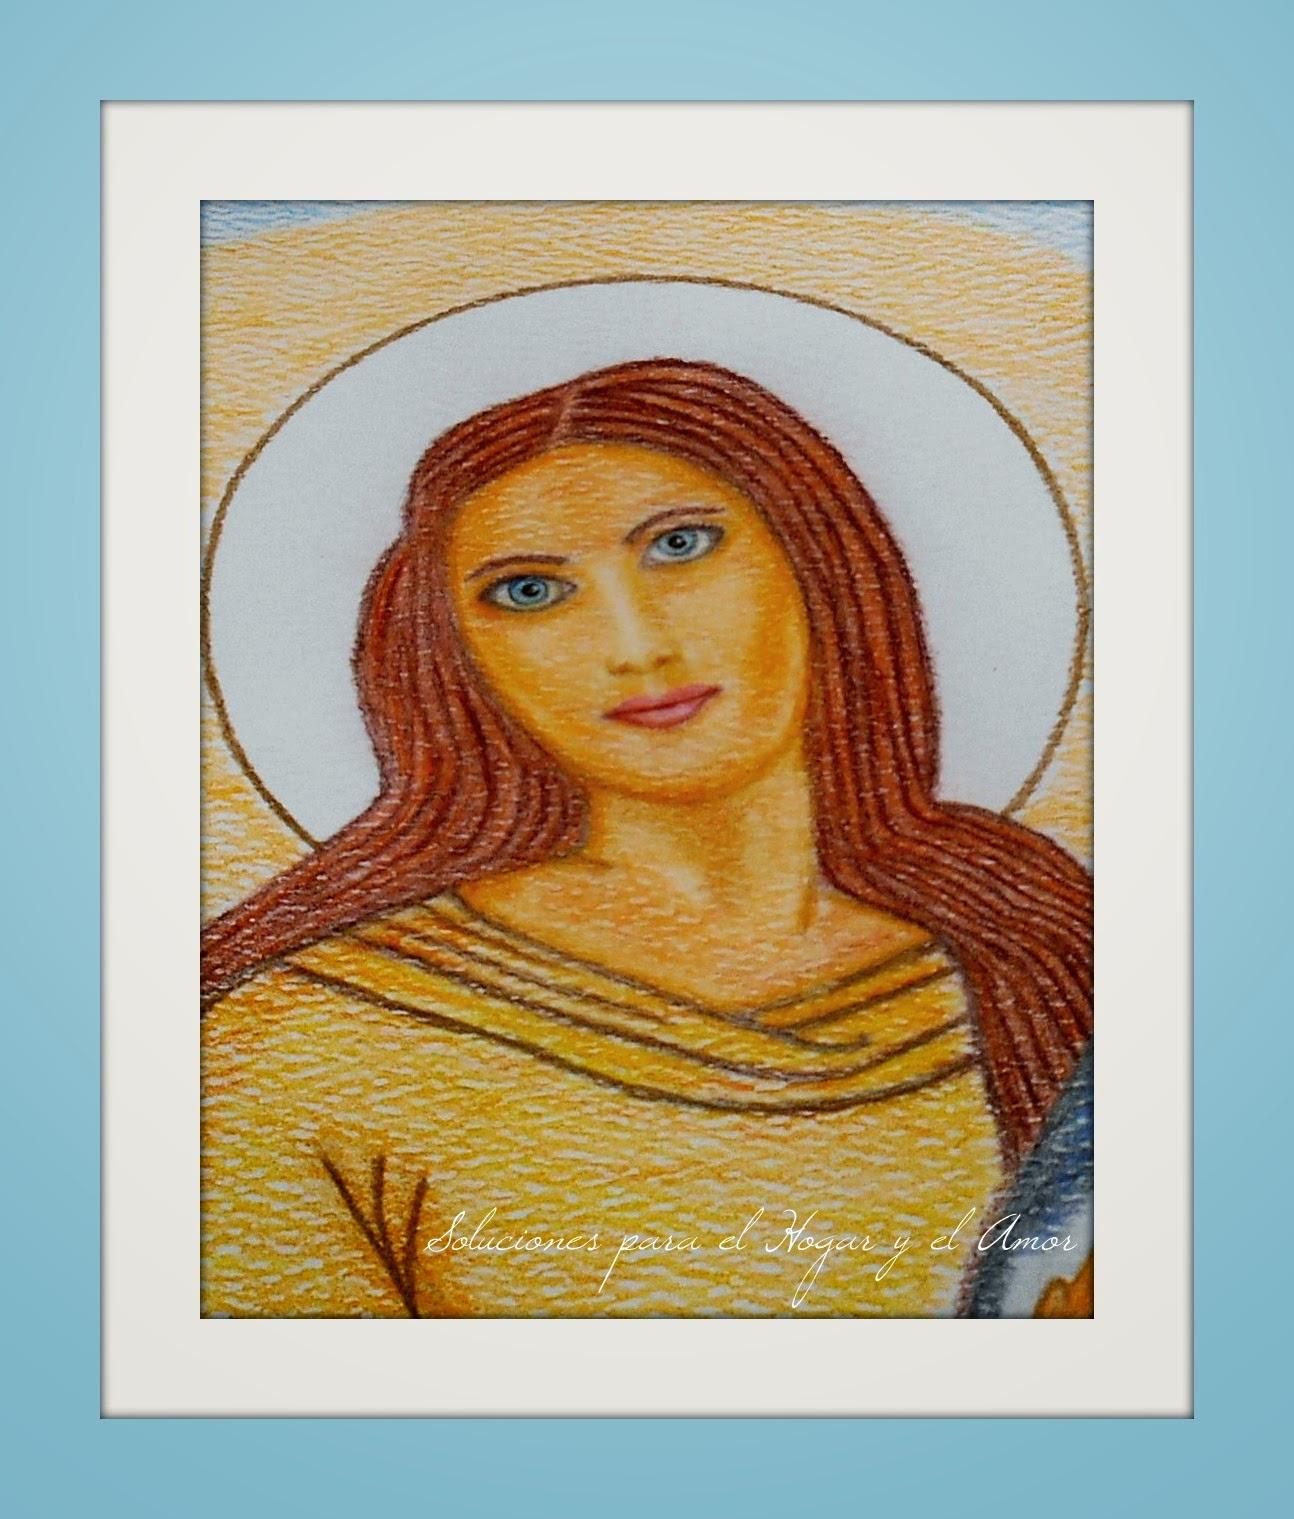 Mis Lápices y Dibujos, Asunción de María, Iconografía Religiosa